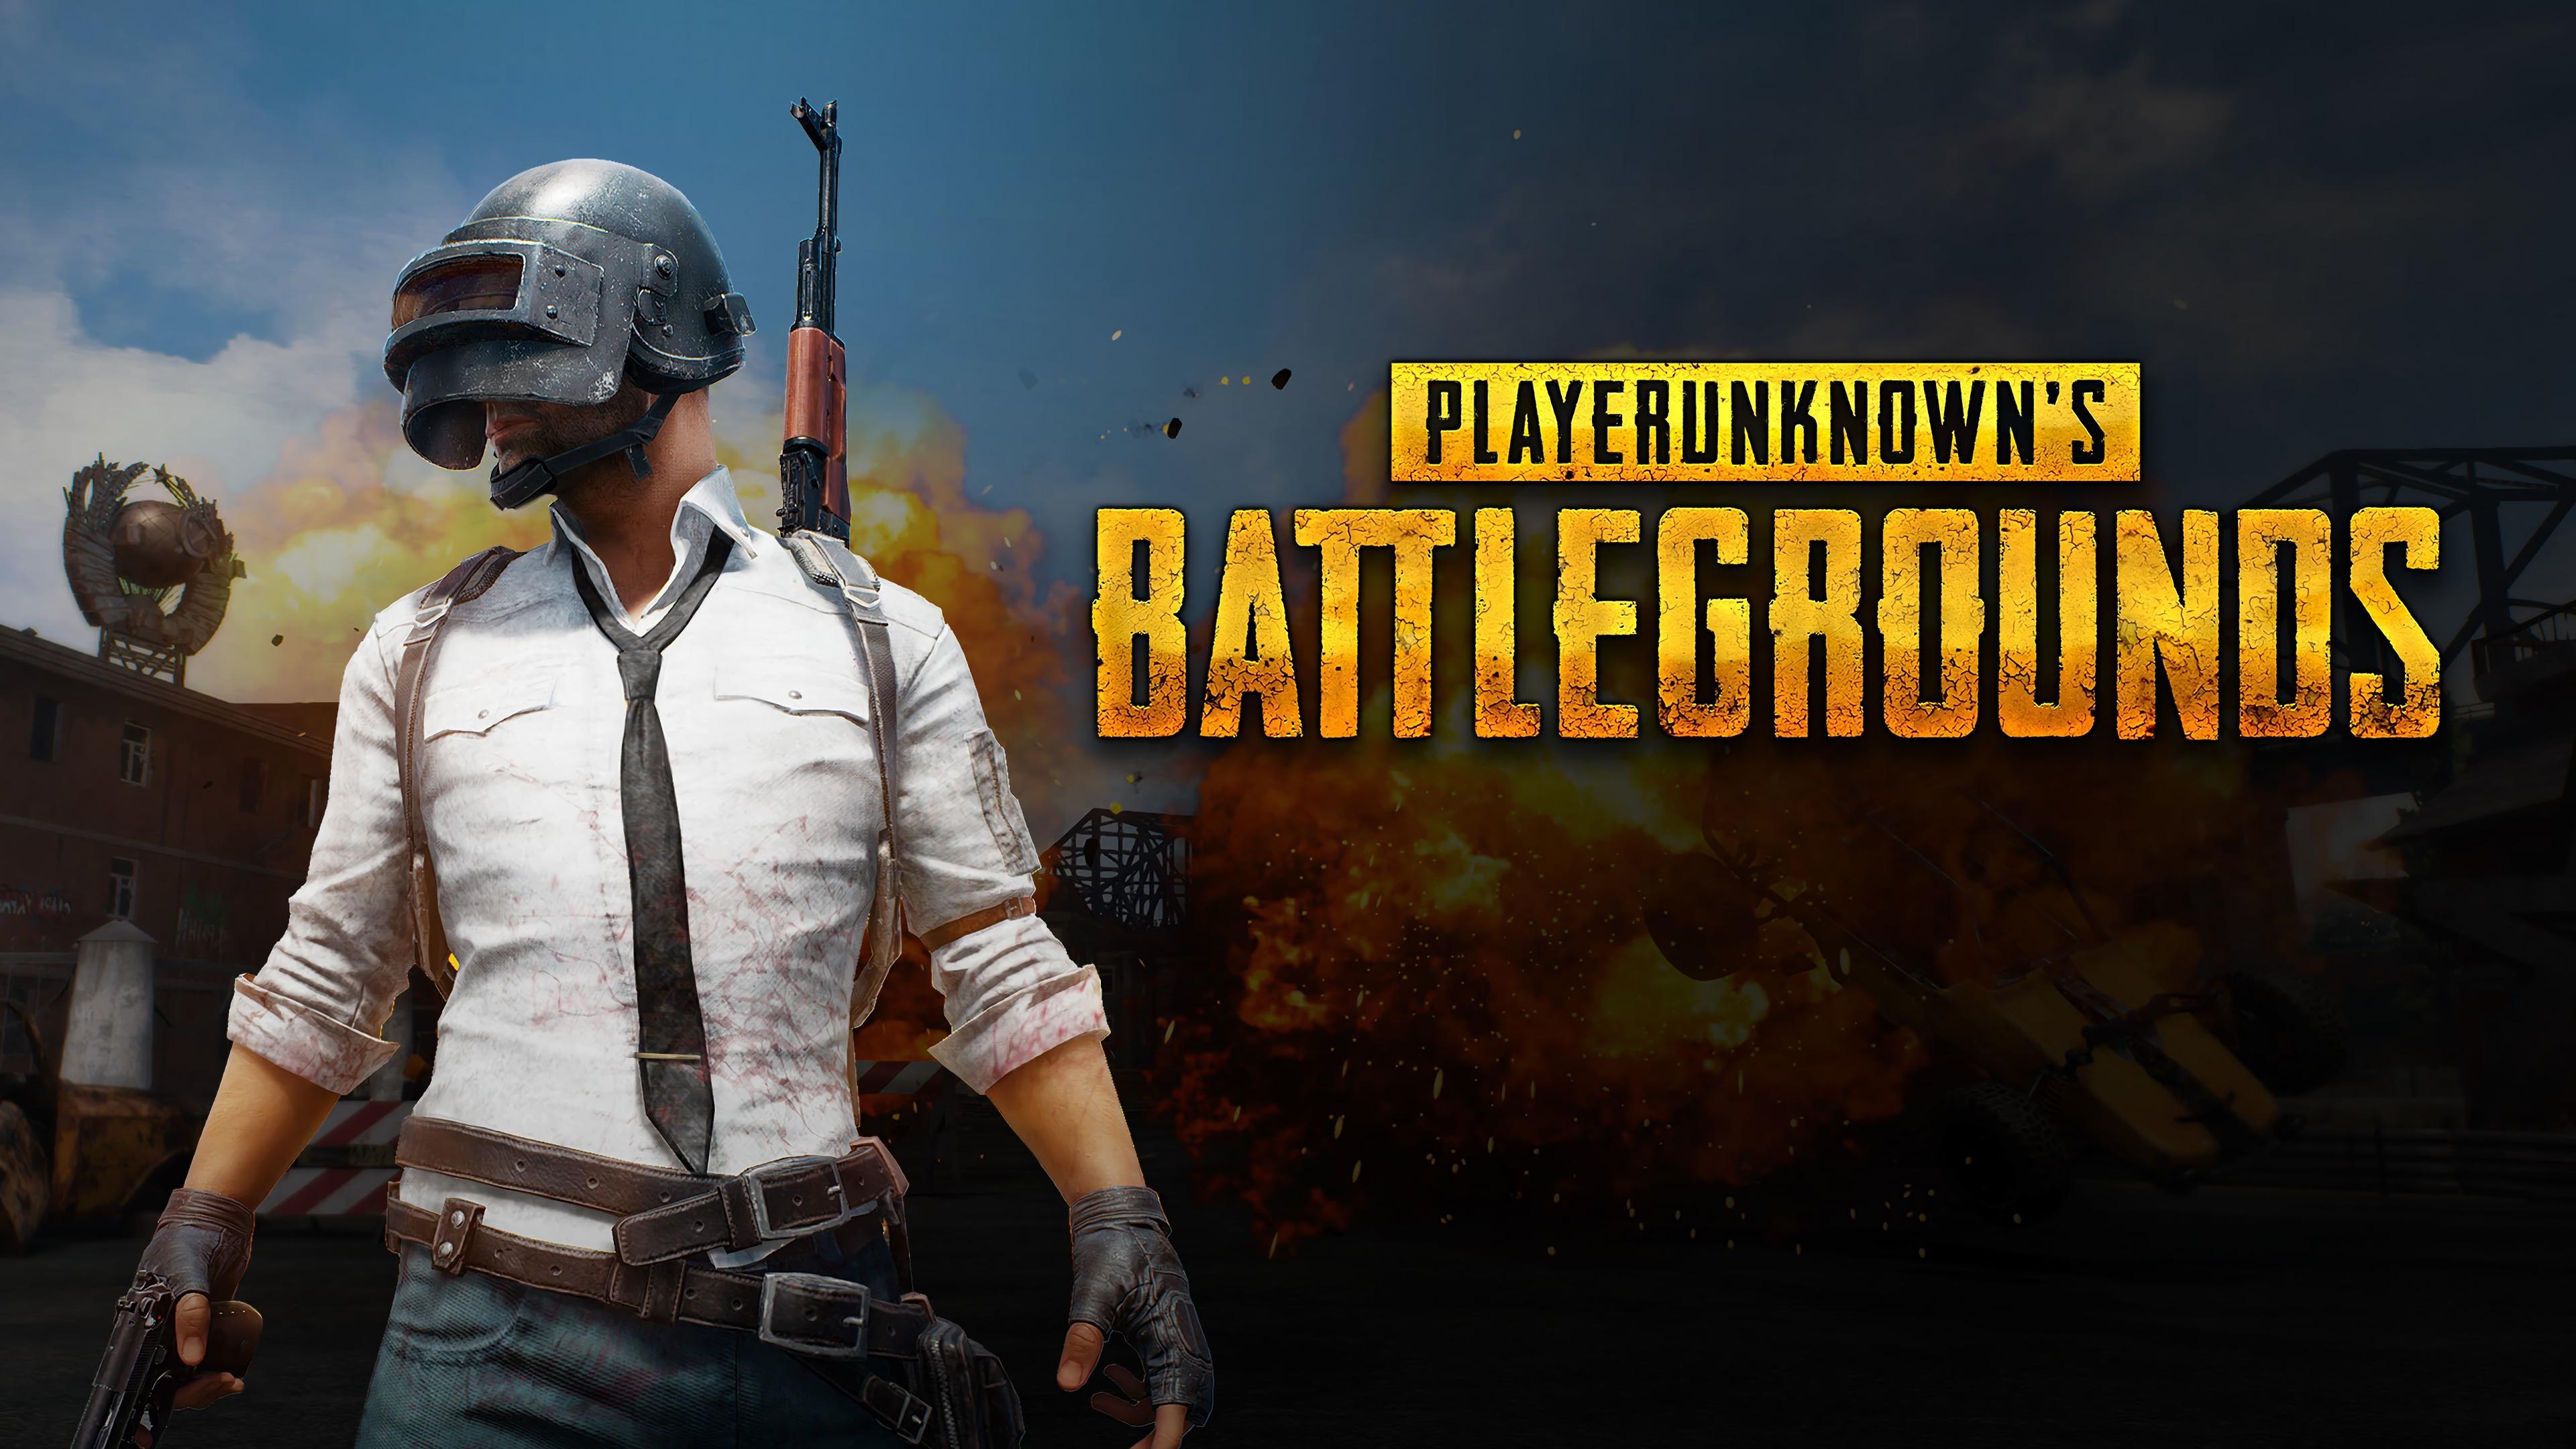 playerunknowns battlegrounds home screen pubg wallpaper 4k